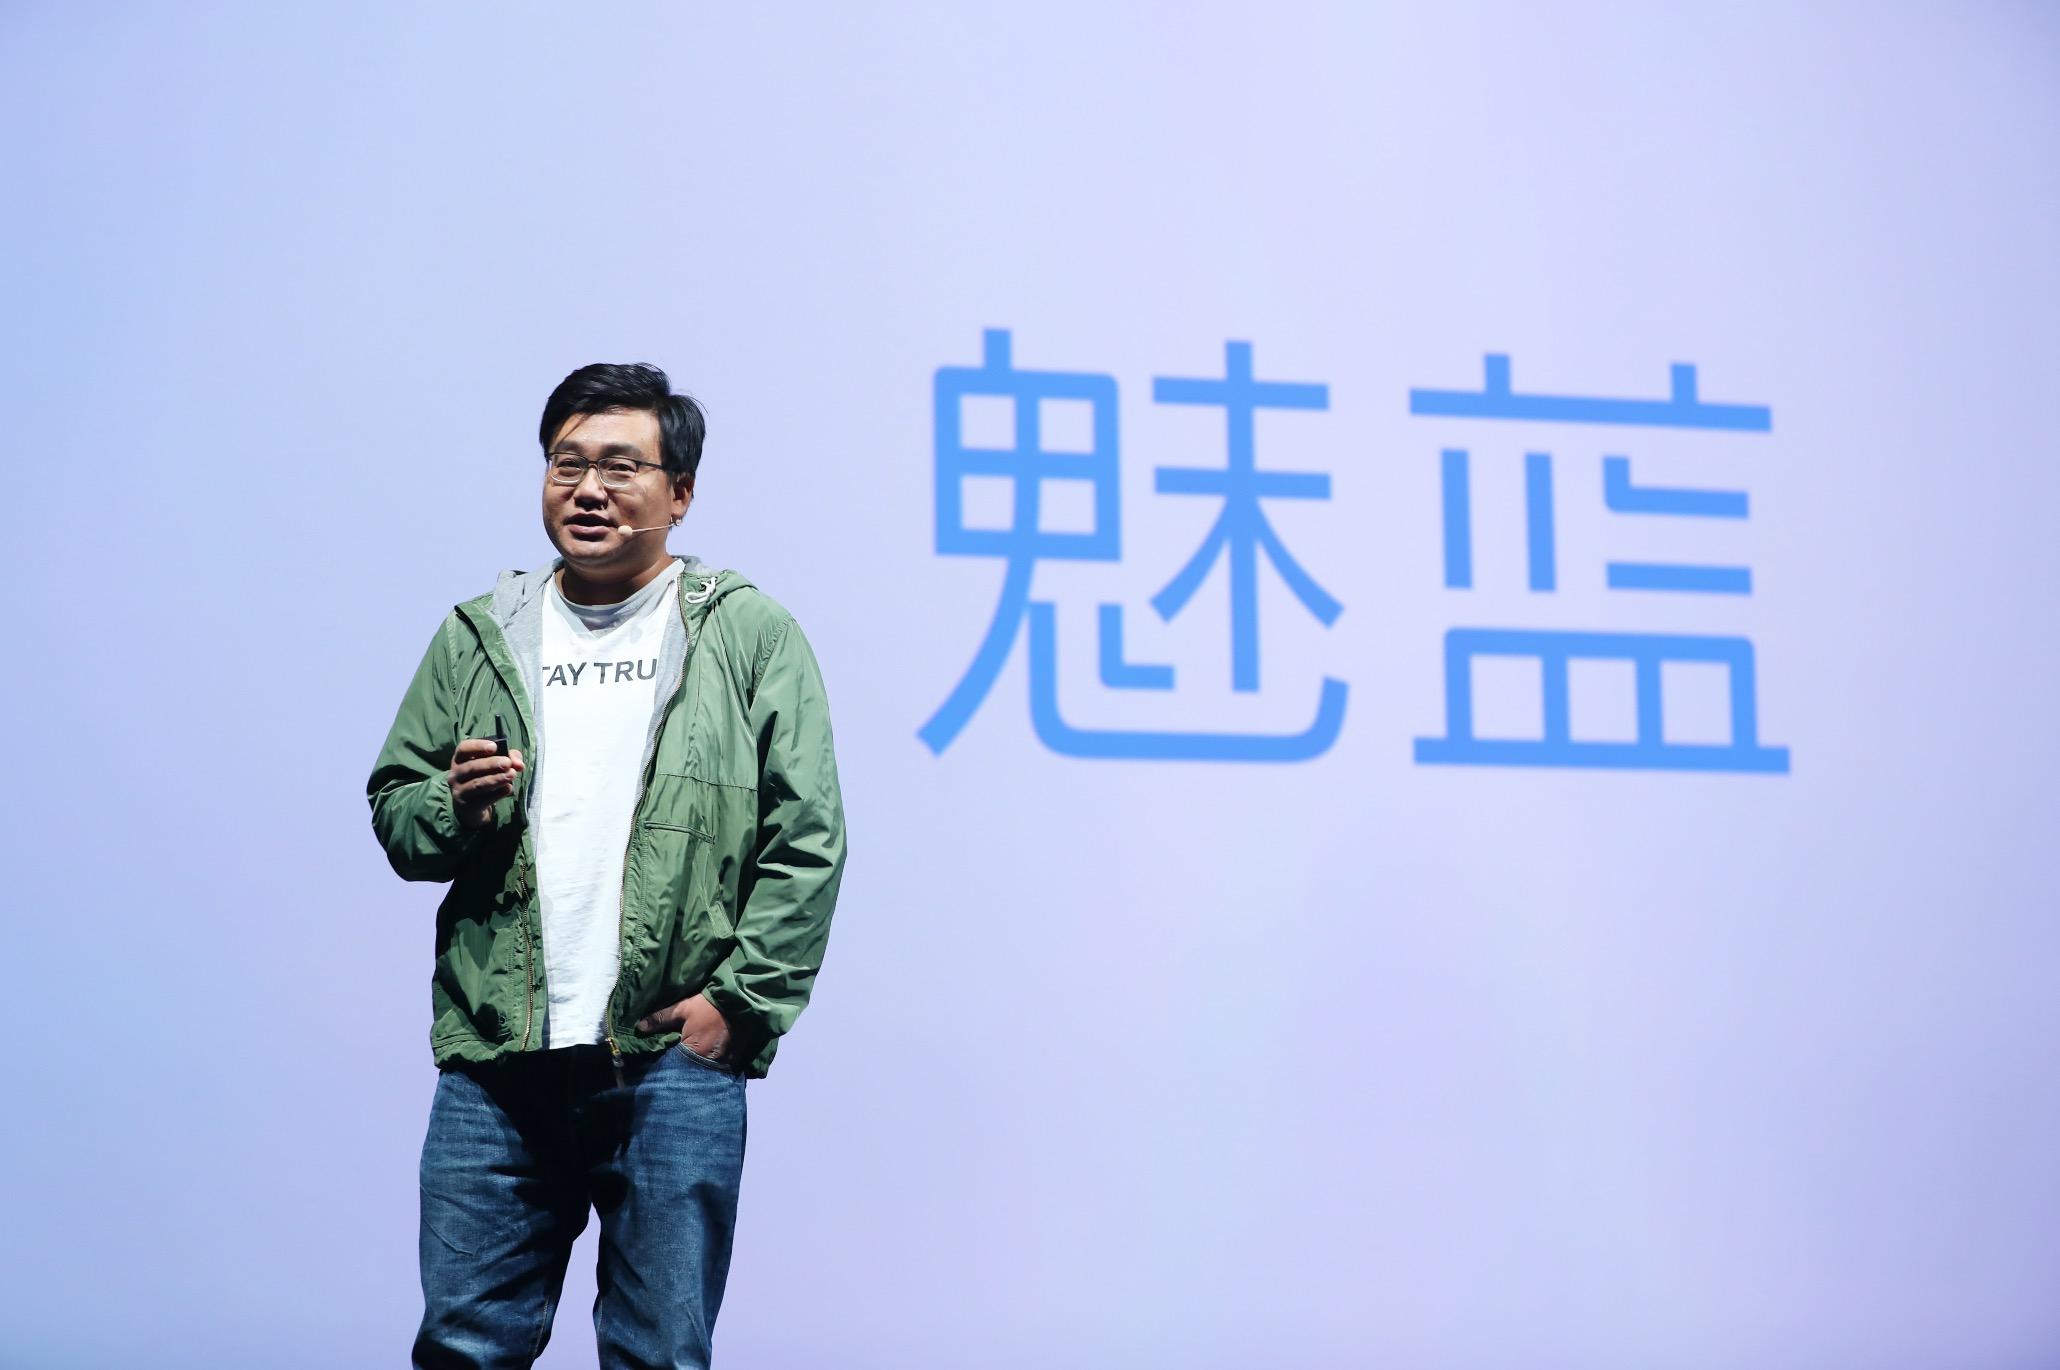 对话李楠:黄章做产品更有竞争力,今年魅蓝会开线下店